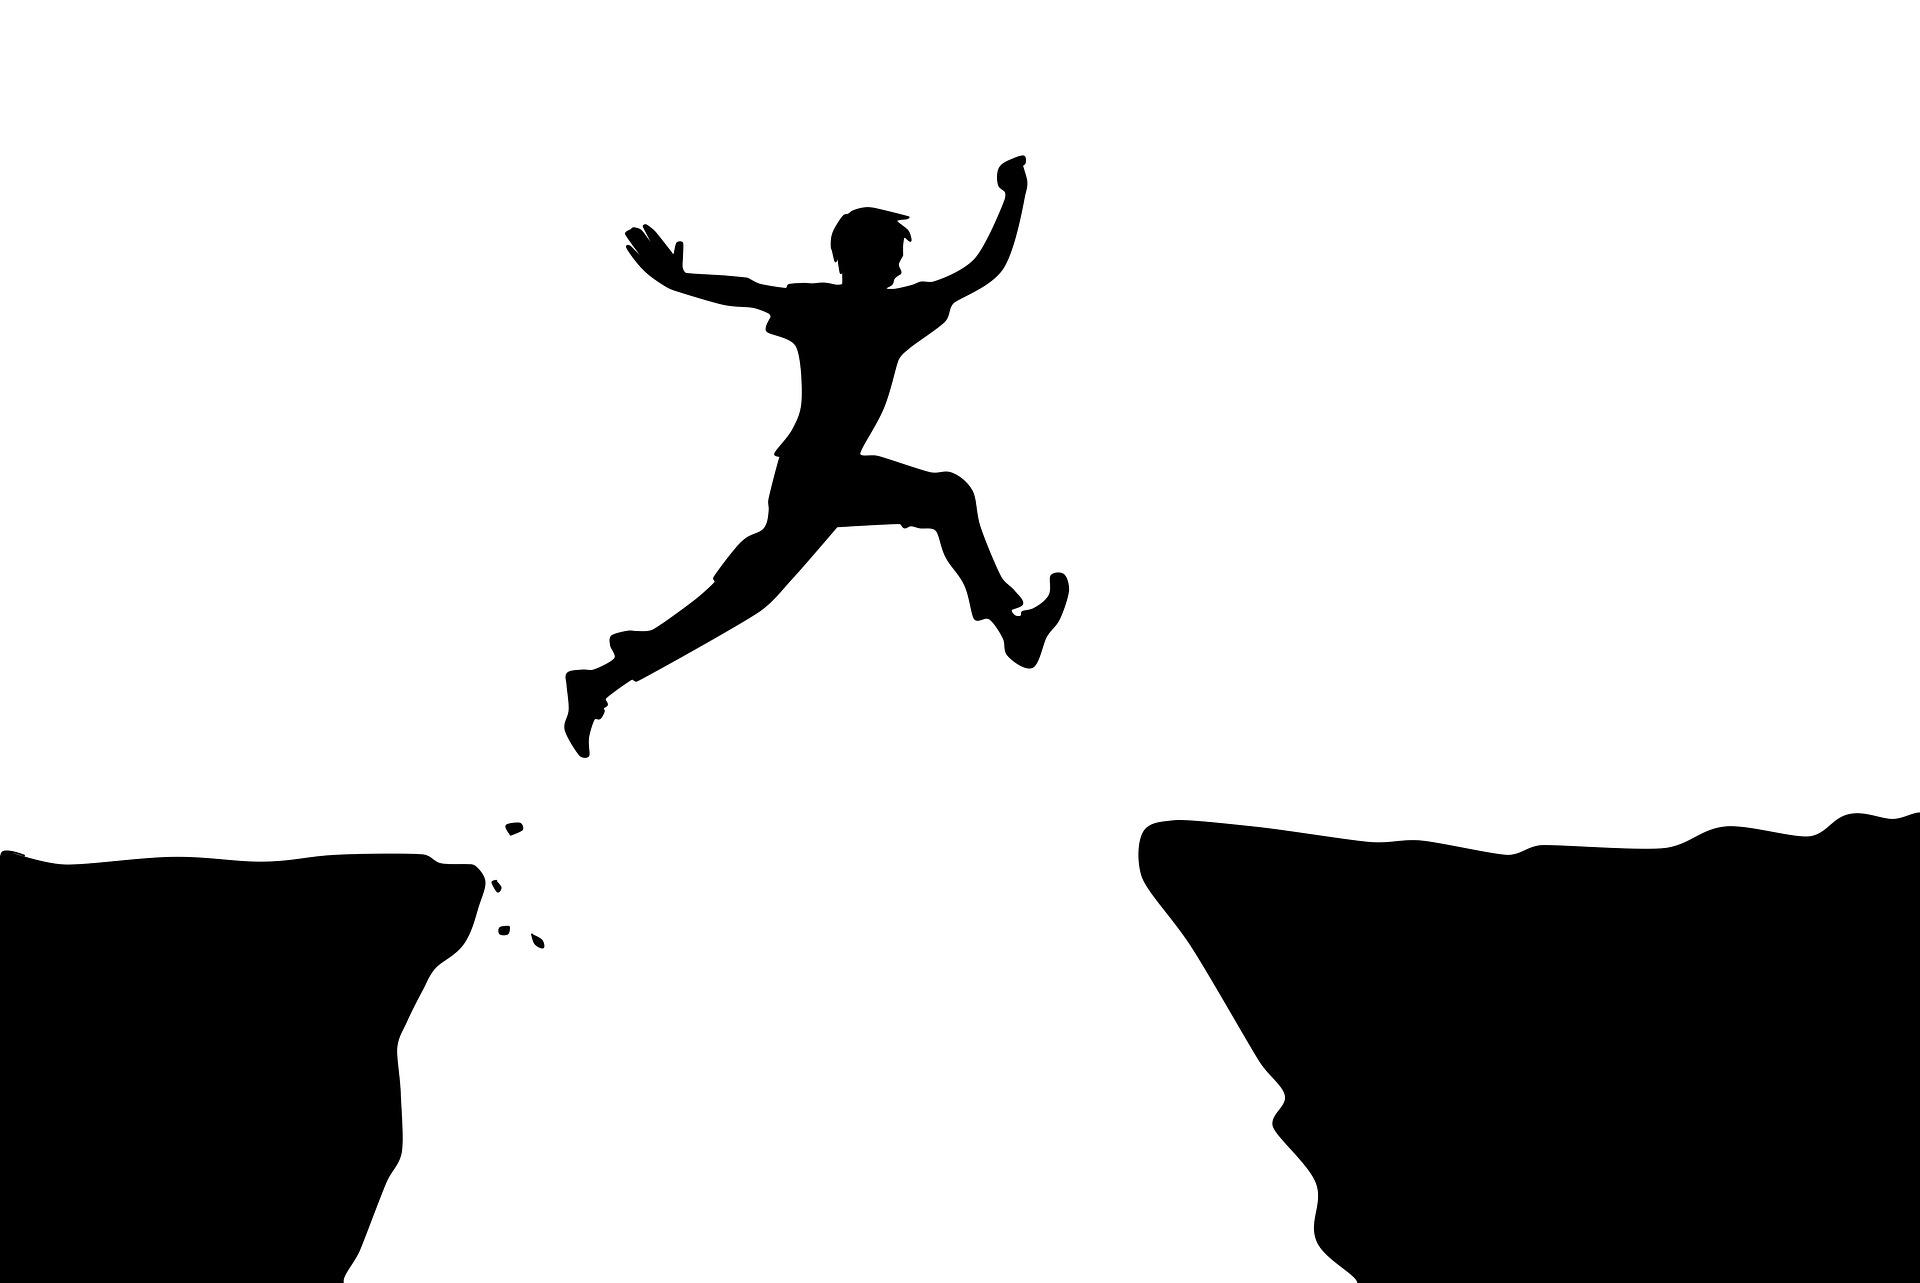 Angst überwinden – 3 einfache Schritte, um deine Angst zu besiegen